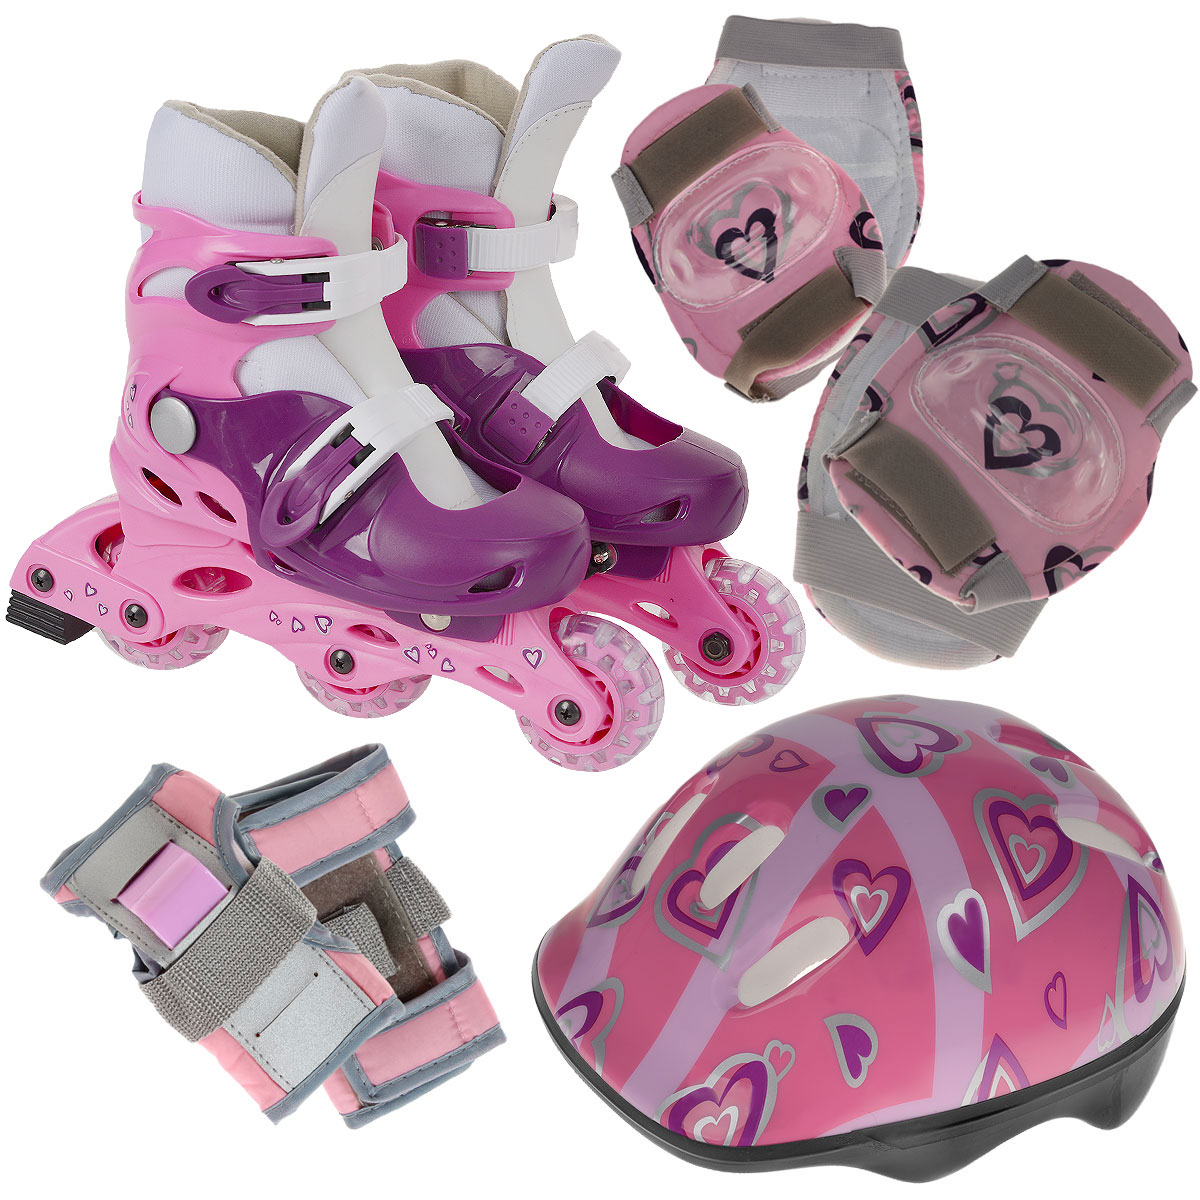 Комплект Action: коньки роликовые, защита, шлем, цвет: розовый. PW-120P. Размер 31/34MCI54145_WhiteРаздвижные коньки Action - это роликовые коньки любительского класса для детей и постоянно растущих подростков, предназначены для занятий спортом и активного отдыха.Коньки имеют пластиковый ботинок со съемным сапожком с раздвижным механизмом, что обеспечивает хорошую посадку и пластичность, а для еще более комфортного катания ботинки коньков оснащены двумя клипсами с фиксаторами. Облегченная, анатомически облегающая конструкция обеспечивает улучшенную боковую поддержку и полный контроль над движением.Рама изготовлена из пластика, а колеса из полиуретана с 608Z. Диаметр колес 64 мм. В каждой модели роликов есть тормоз. К роликам прилагается полный комплект защиты: шлем (из плотного пенопласта с верхним покрытием из пластика), защита рук, коленей, локтей. Двухкомпонентная система с внутренними вставками поглощает энергию удара, снимает нагрузку с суставов и снижает риск получения травм. Все это упаковано в специальную сумку-переноску с прозрачными окном. Роликовые коньки - это прекрасная возможность активного время провождения, отличный способ снять напряжение после трудового дня, пообщаться с друзьями, завести новые знакомства и повысить свою самооценку. При выборе роликовых коньков следует заботиться не о цвете, внешнем виде или фирме-производителе, а о том, чтобы вам и вашему ребенку было удобно и комфортно в выбранной модели, и чтобы нога надежно и плотно фиксировалась в коньке, но в то же время ее ничто не стягивало. Нельзя покупать ролики на пять размеров больше, но и нельзя покупать размер в размер. Ролики должны быть на один, максимум два размера больше ноги. УВАЖАЕМЫЕ КЛИЕНТЫ!Обращаем ваше внимание на различие в количестве колес в зависимости от размеров роликов: ролики размером 31/34 поставляются с 3 колесами, размером 35/38 - с 4.